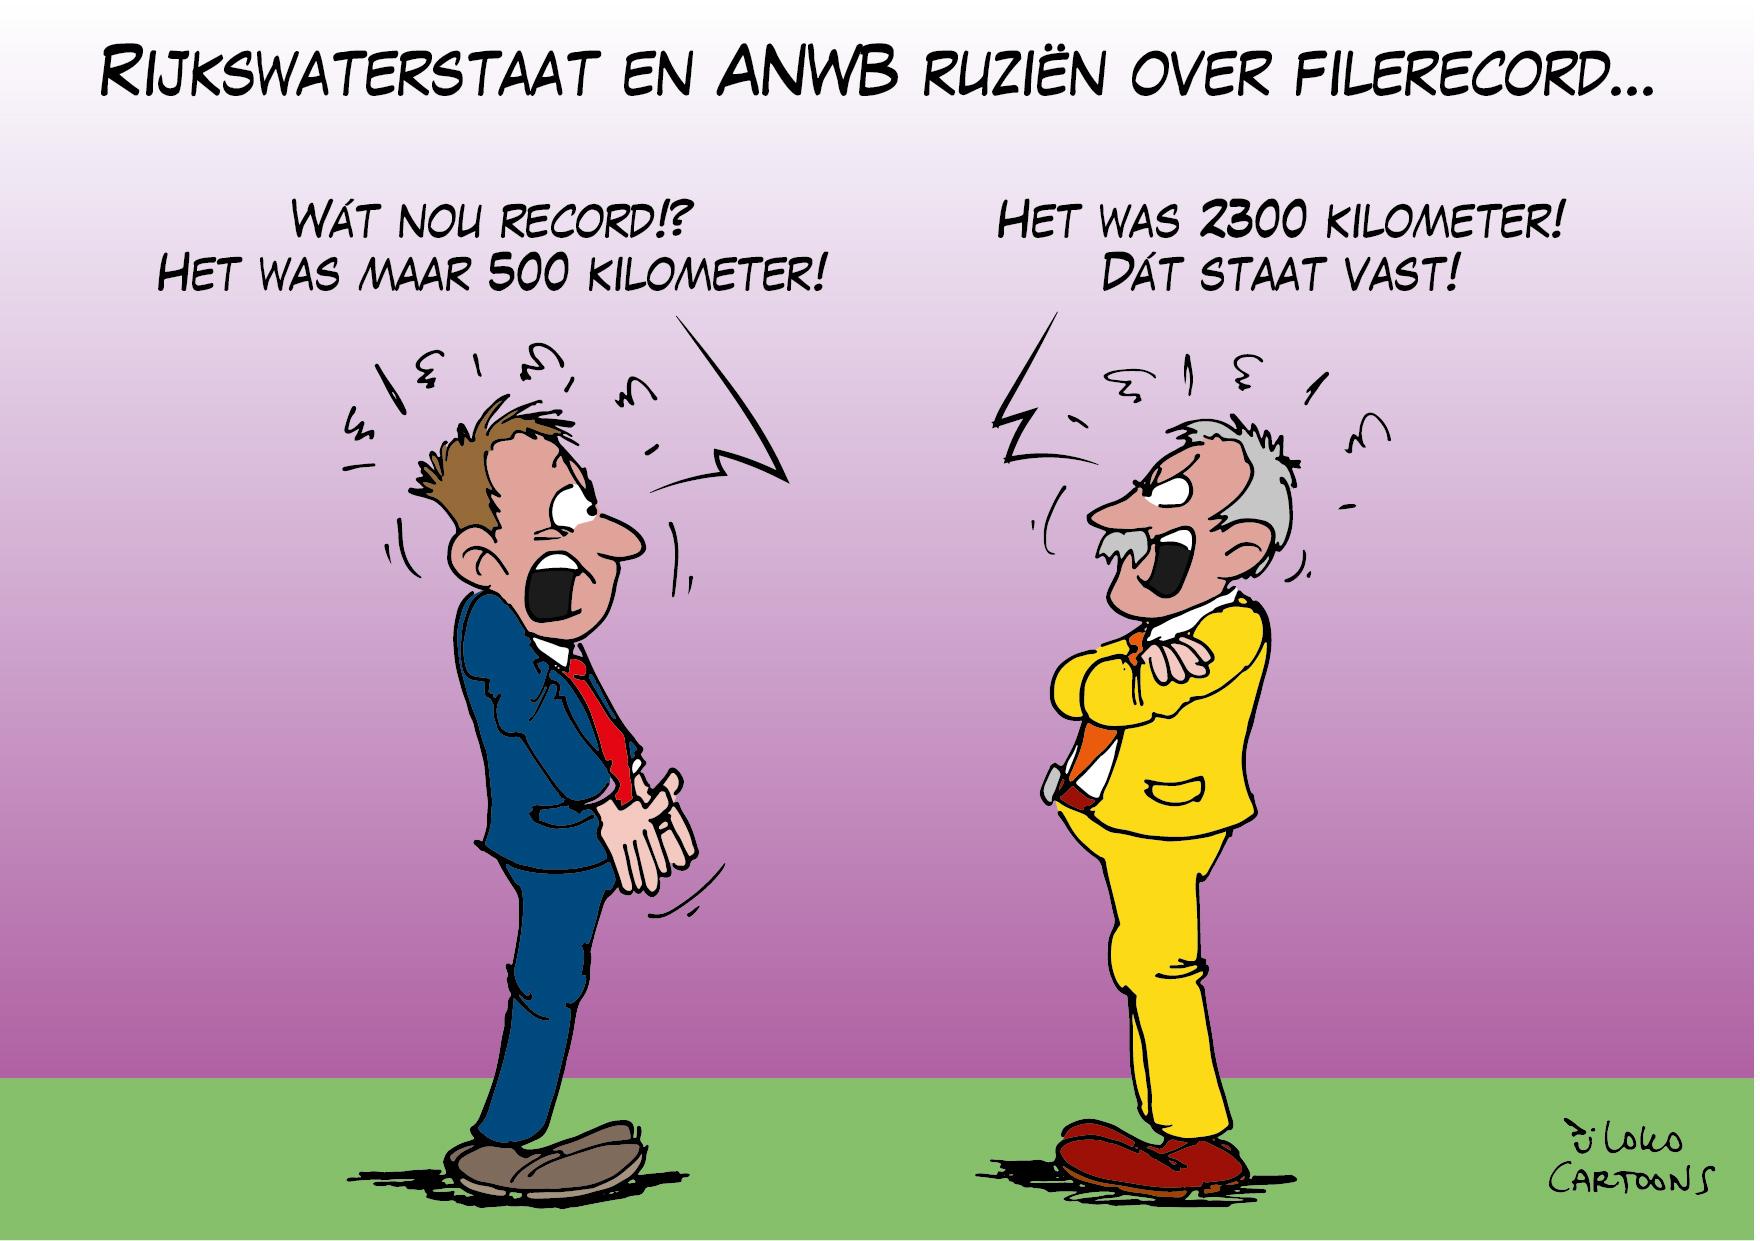 Rijkswaterstaat en ANWB ruzieën over filerecord…